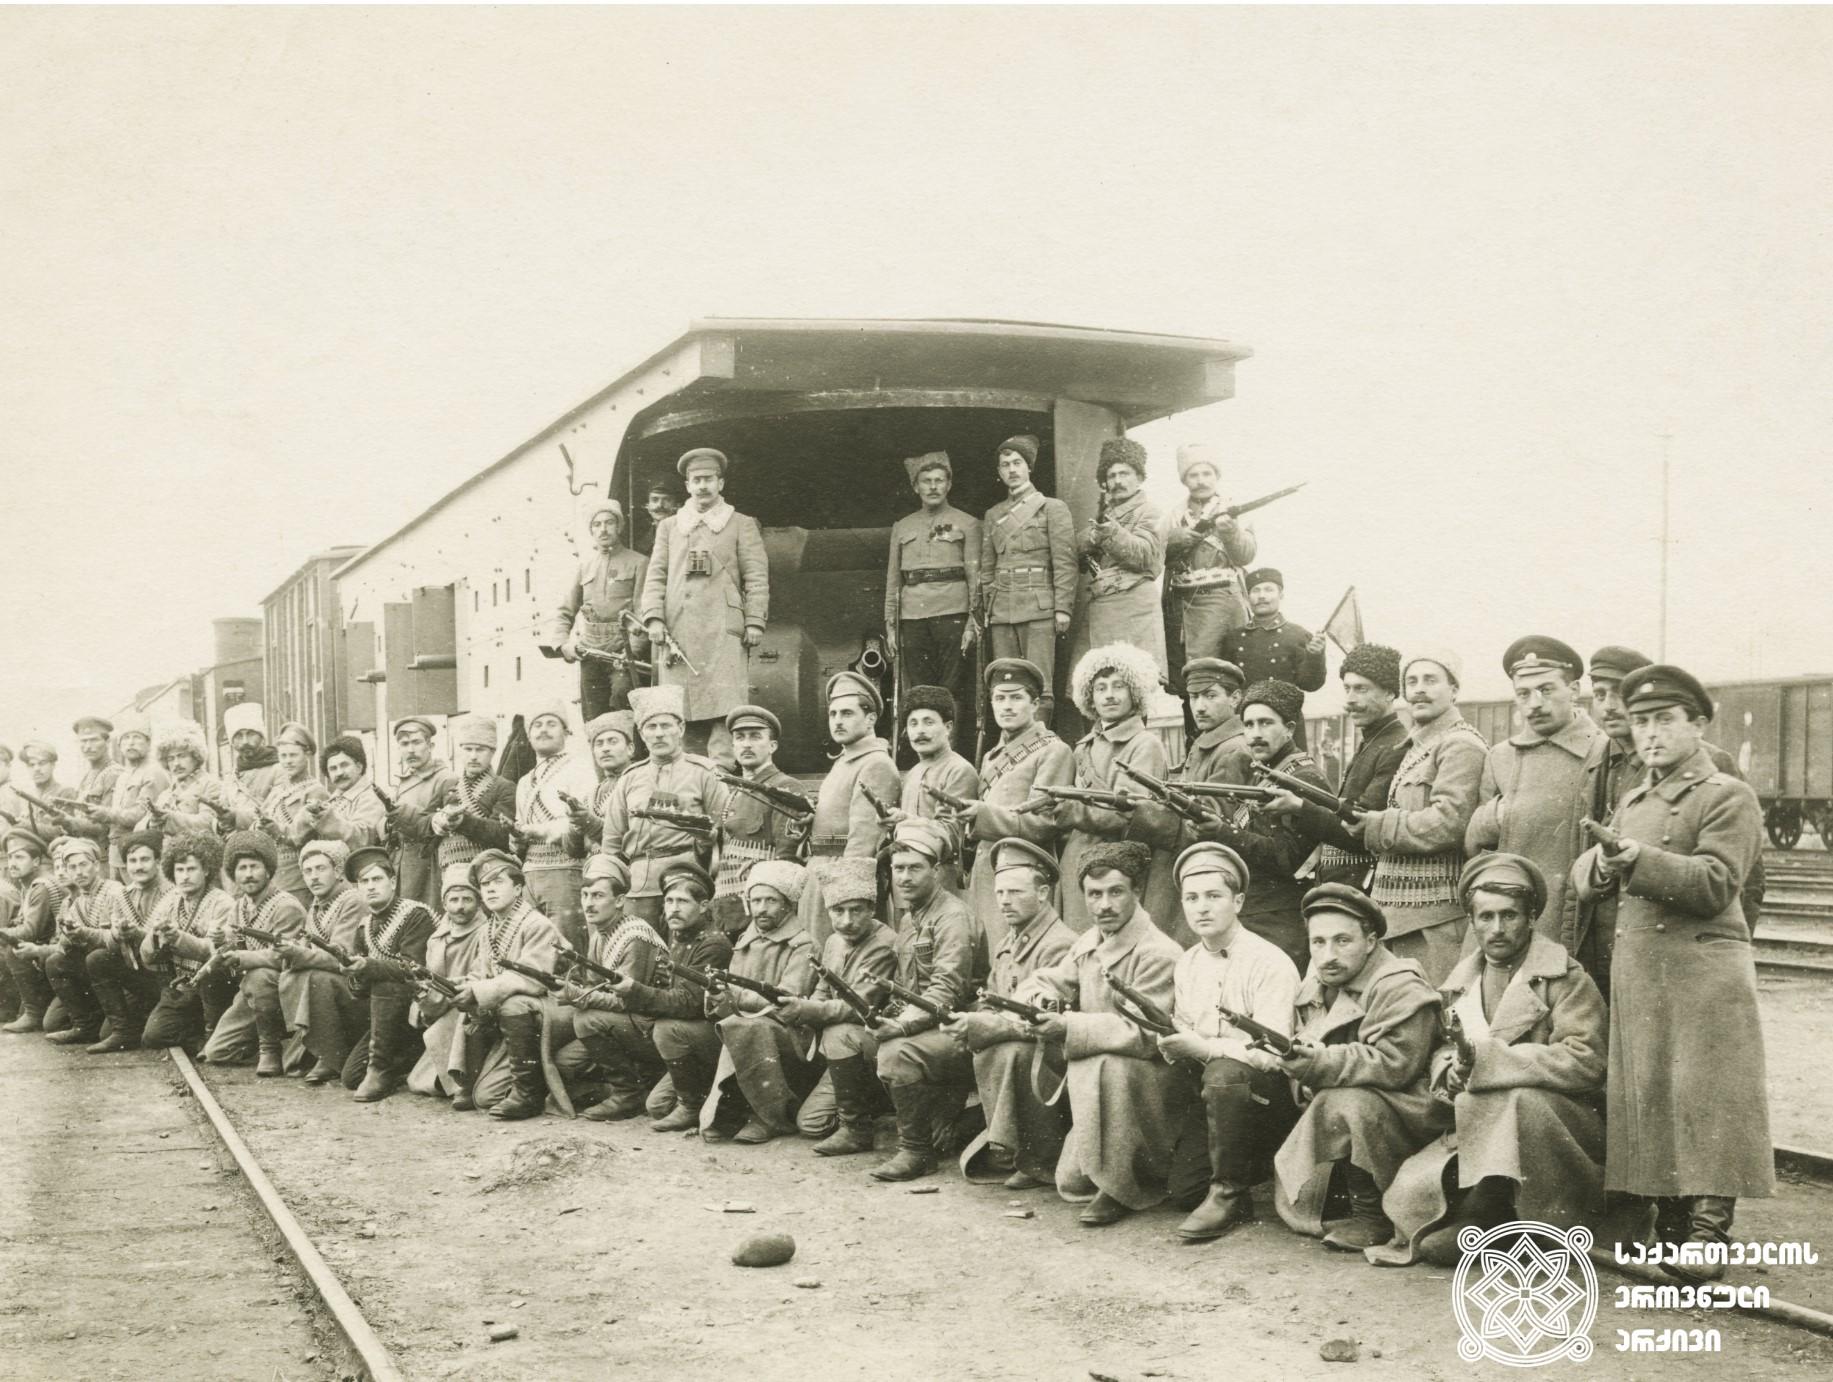 """ქართული არმიის ჯავშანმატარებელი <br> ჯავშანმატარებელთა რაზმში ირიცხებოდა ოთხი ჯავშანმატარებელი: """"რესპუბლიკელი"""", """"მუშა"""", """"სიკვდილი ან გამარჯვება"""" და """"თავისუფლების სიმაგრე"""". <br>  Armored train of the Georgian Army. <br> Following four armored trains were counted in the division of the armored trains: <br>""""Respublikeli"""" (Republican), """"Musha"""" (Worker), """"Sikvdili an Gamarjveba"""" (Death or Victory) and """"Tavisuflebis Simagre"""" (Independence Fortress)."""